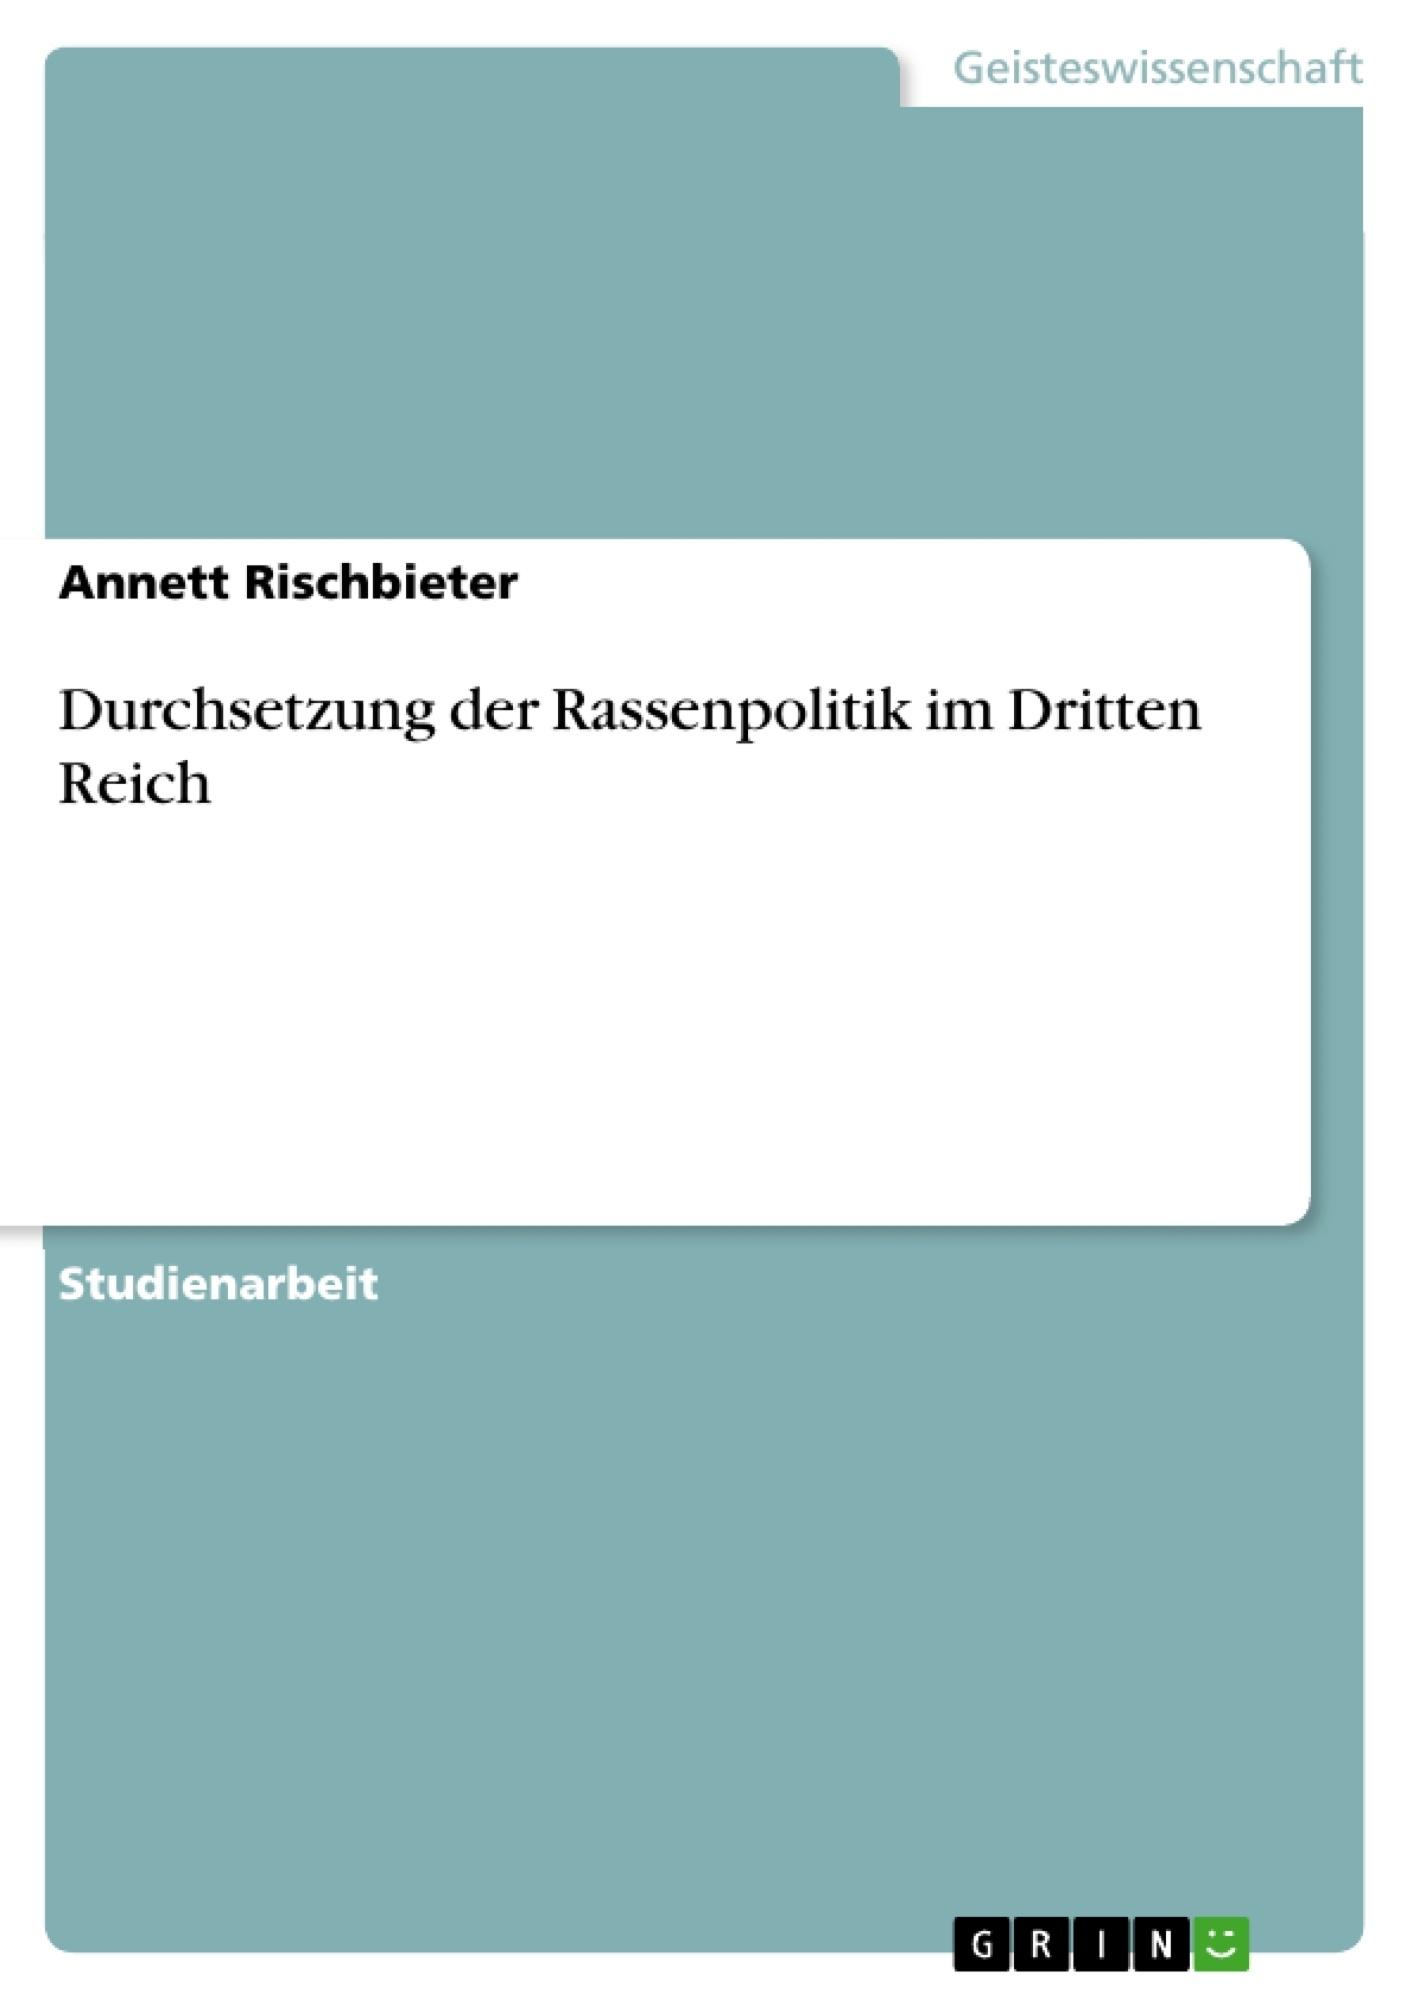 Titel: Durchsetzung der Rassenpolitik im Dritten Reich